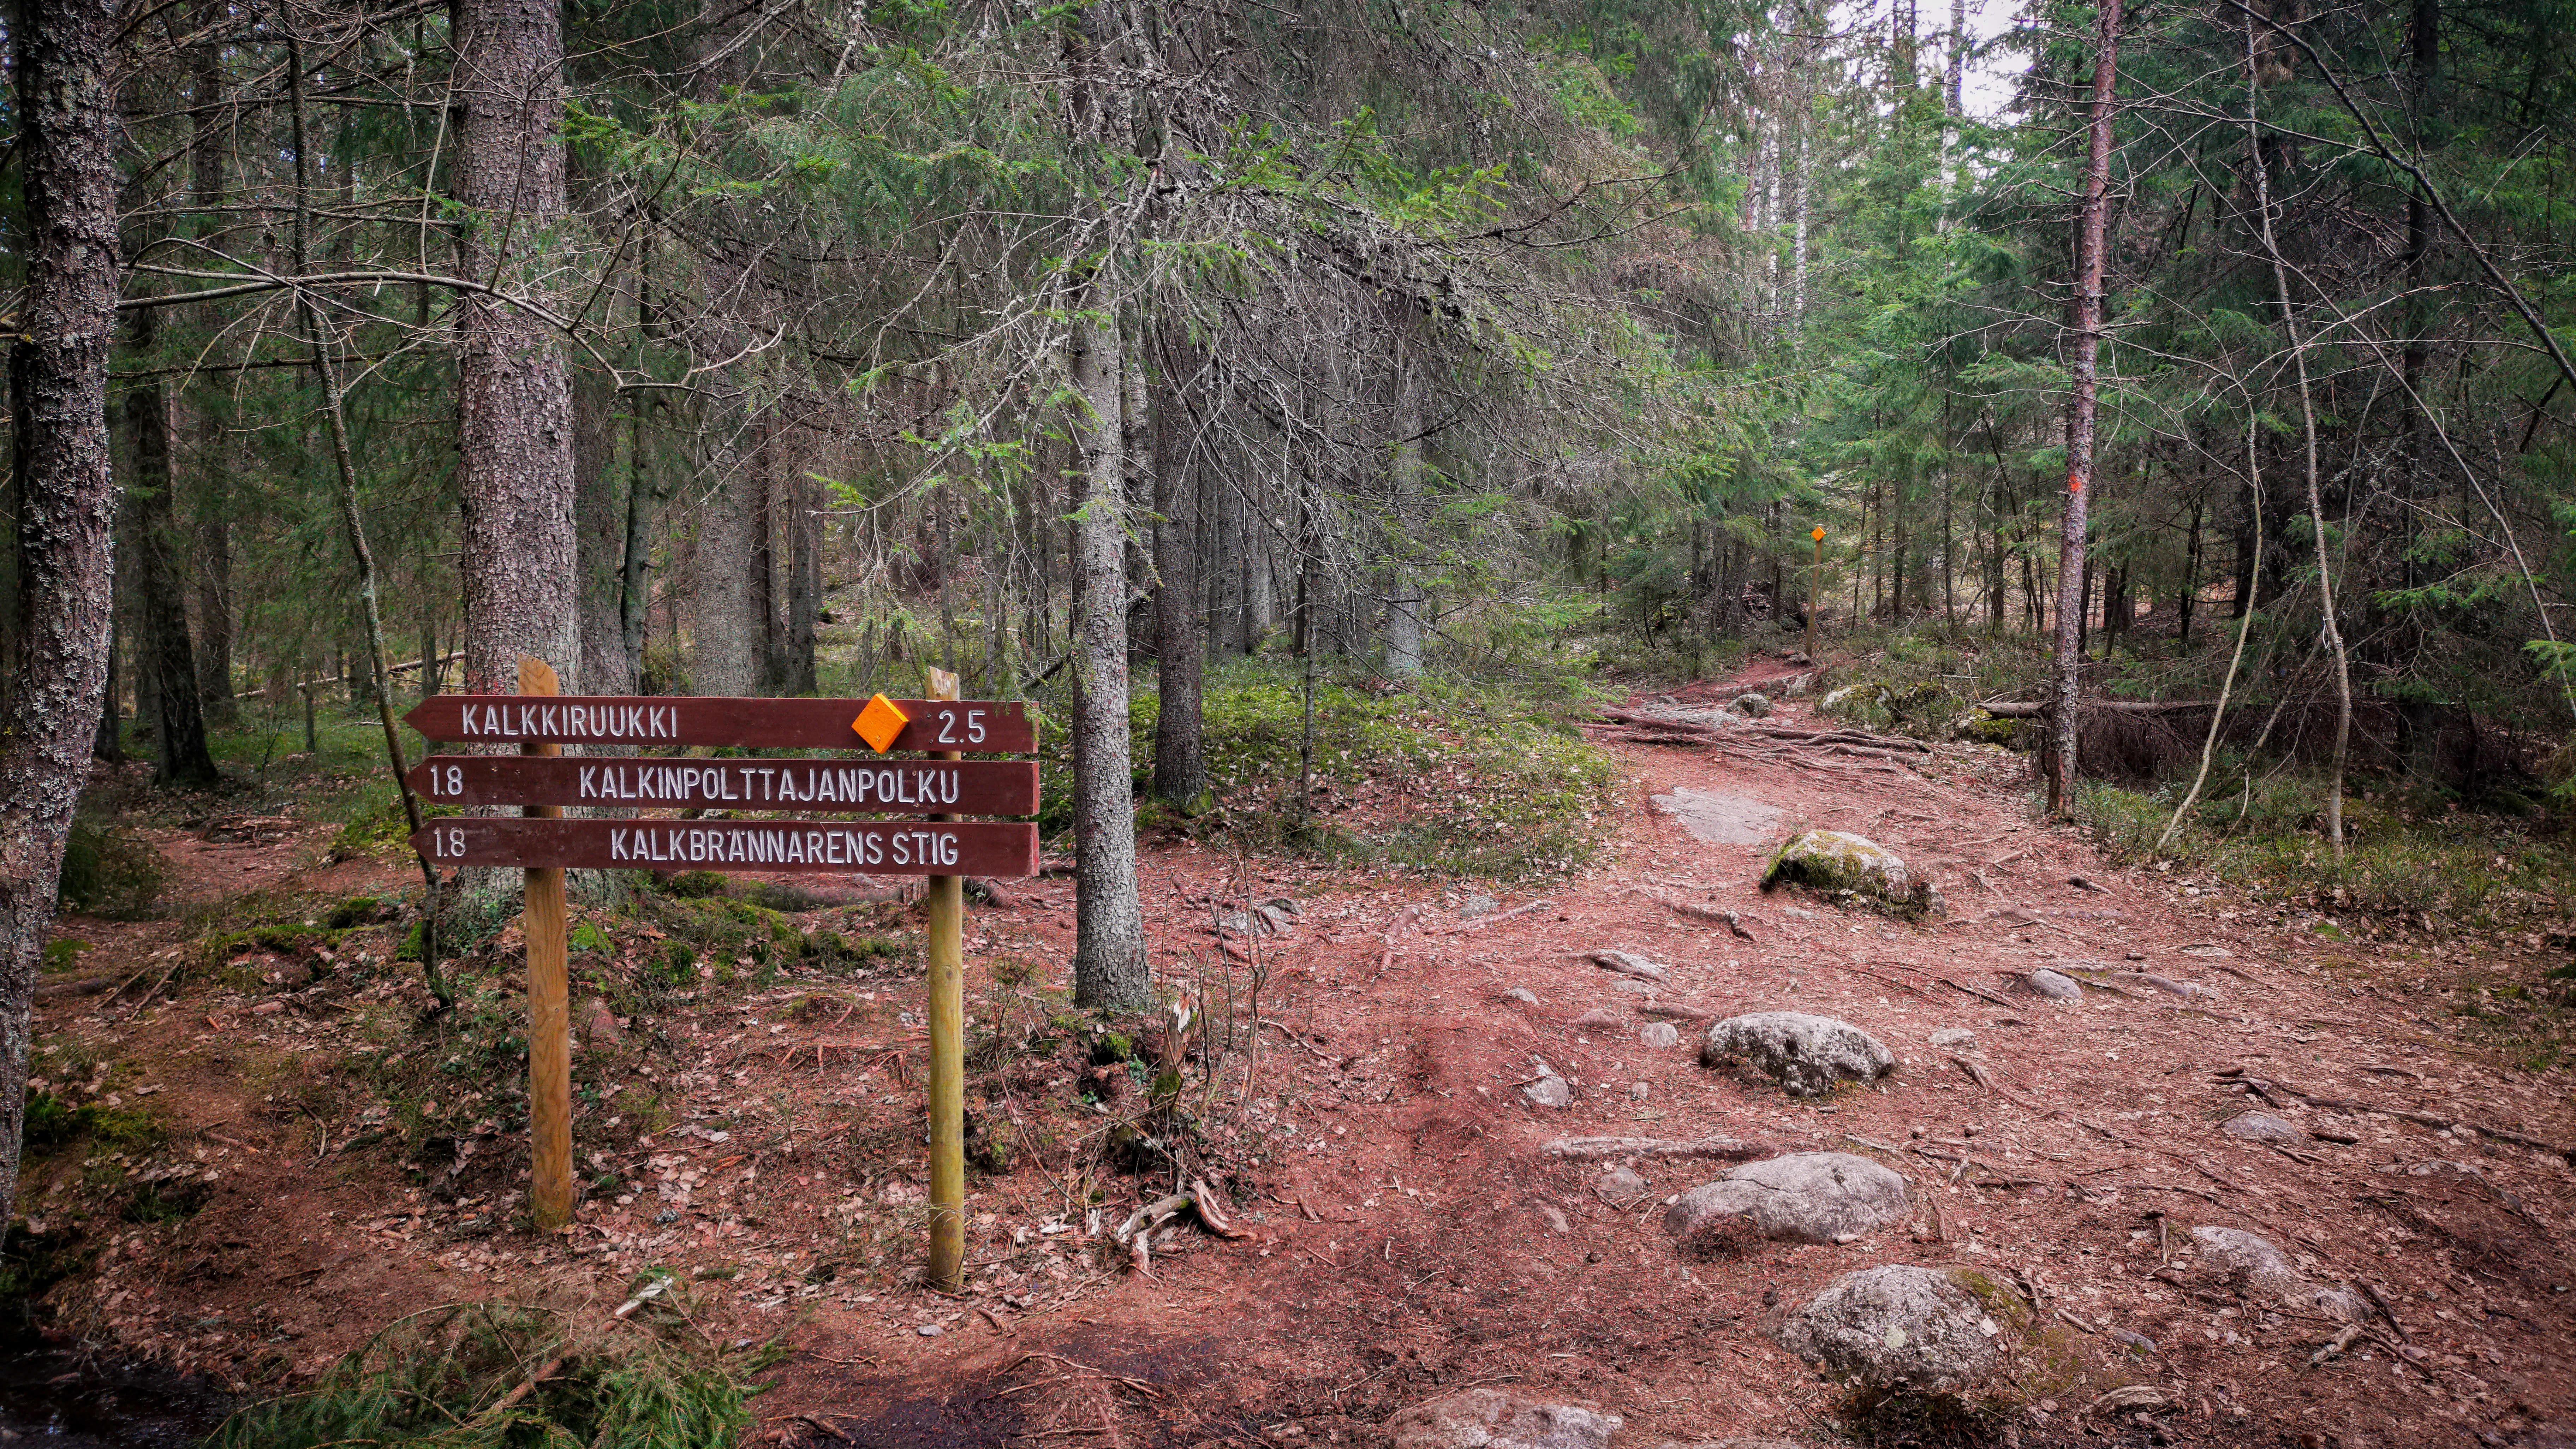 Luontoreitti Sipoonkorven kansallispuistossa.